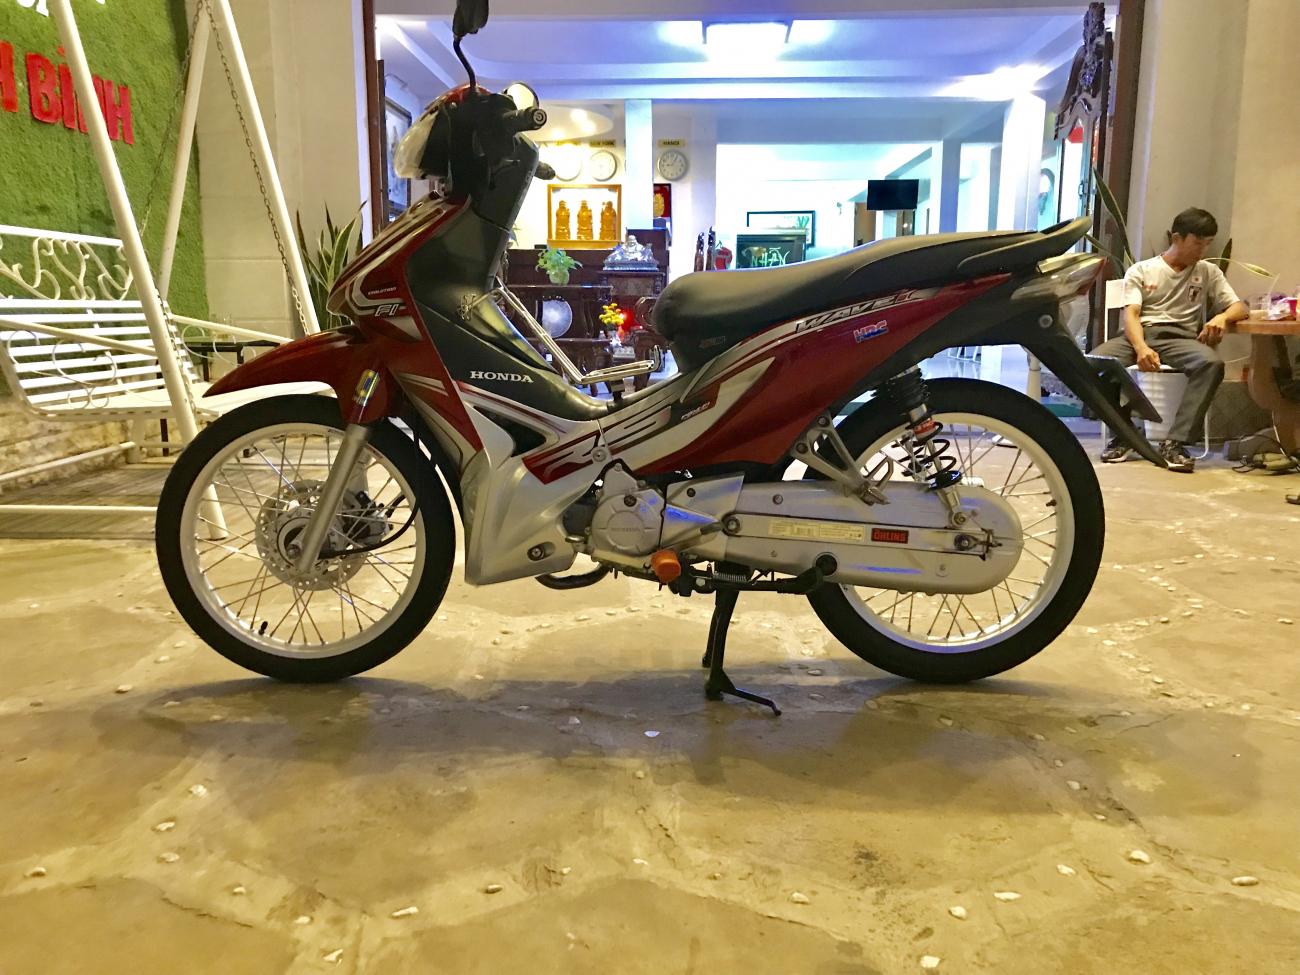 Wave 110i kieng cho ma di cho - 2